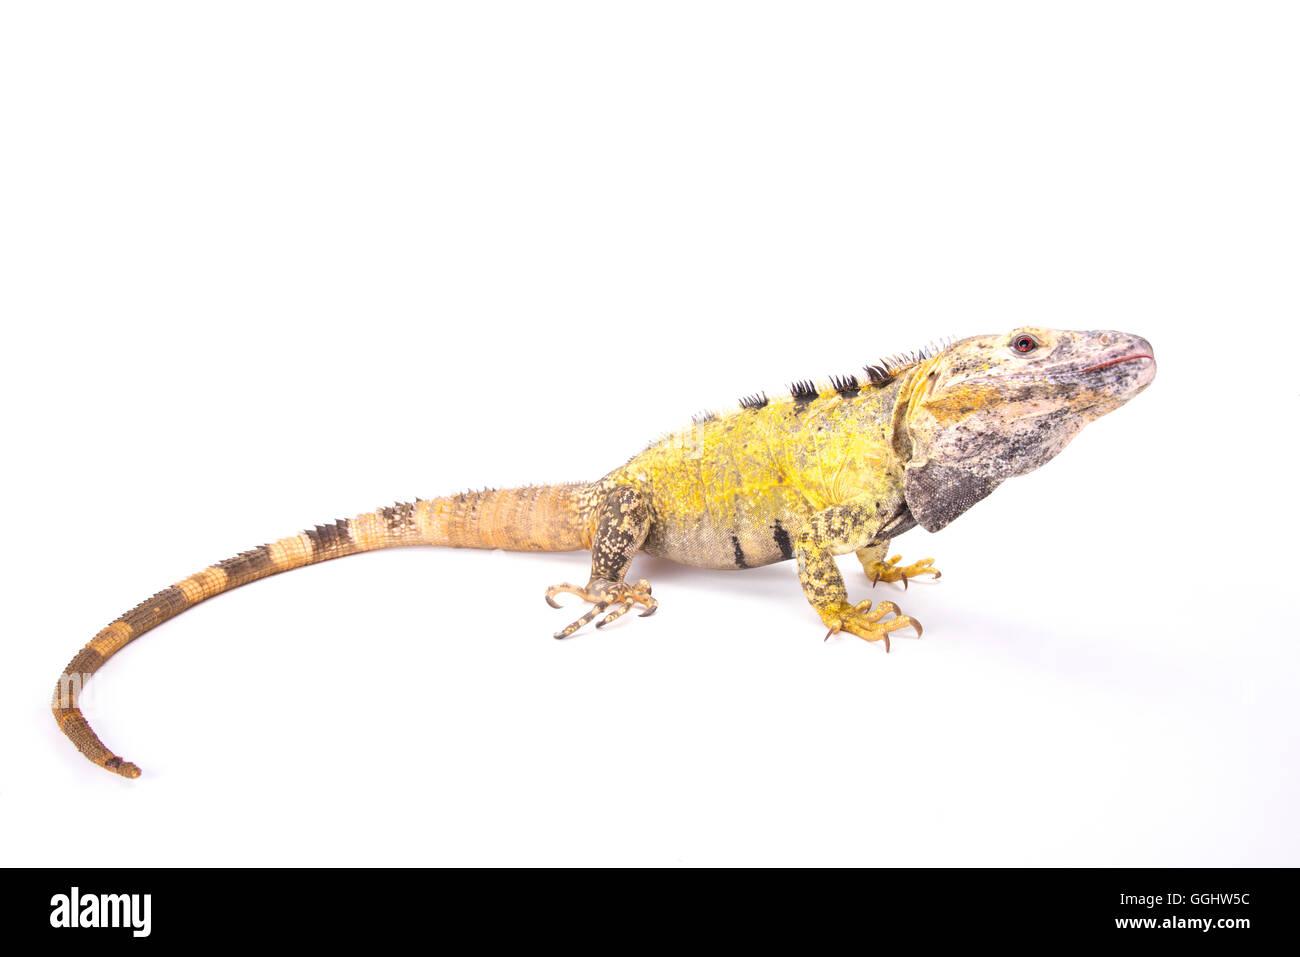 Mexican spiny-tailed iguana (Ctenosaura pectinata) - Stock Image